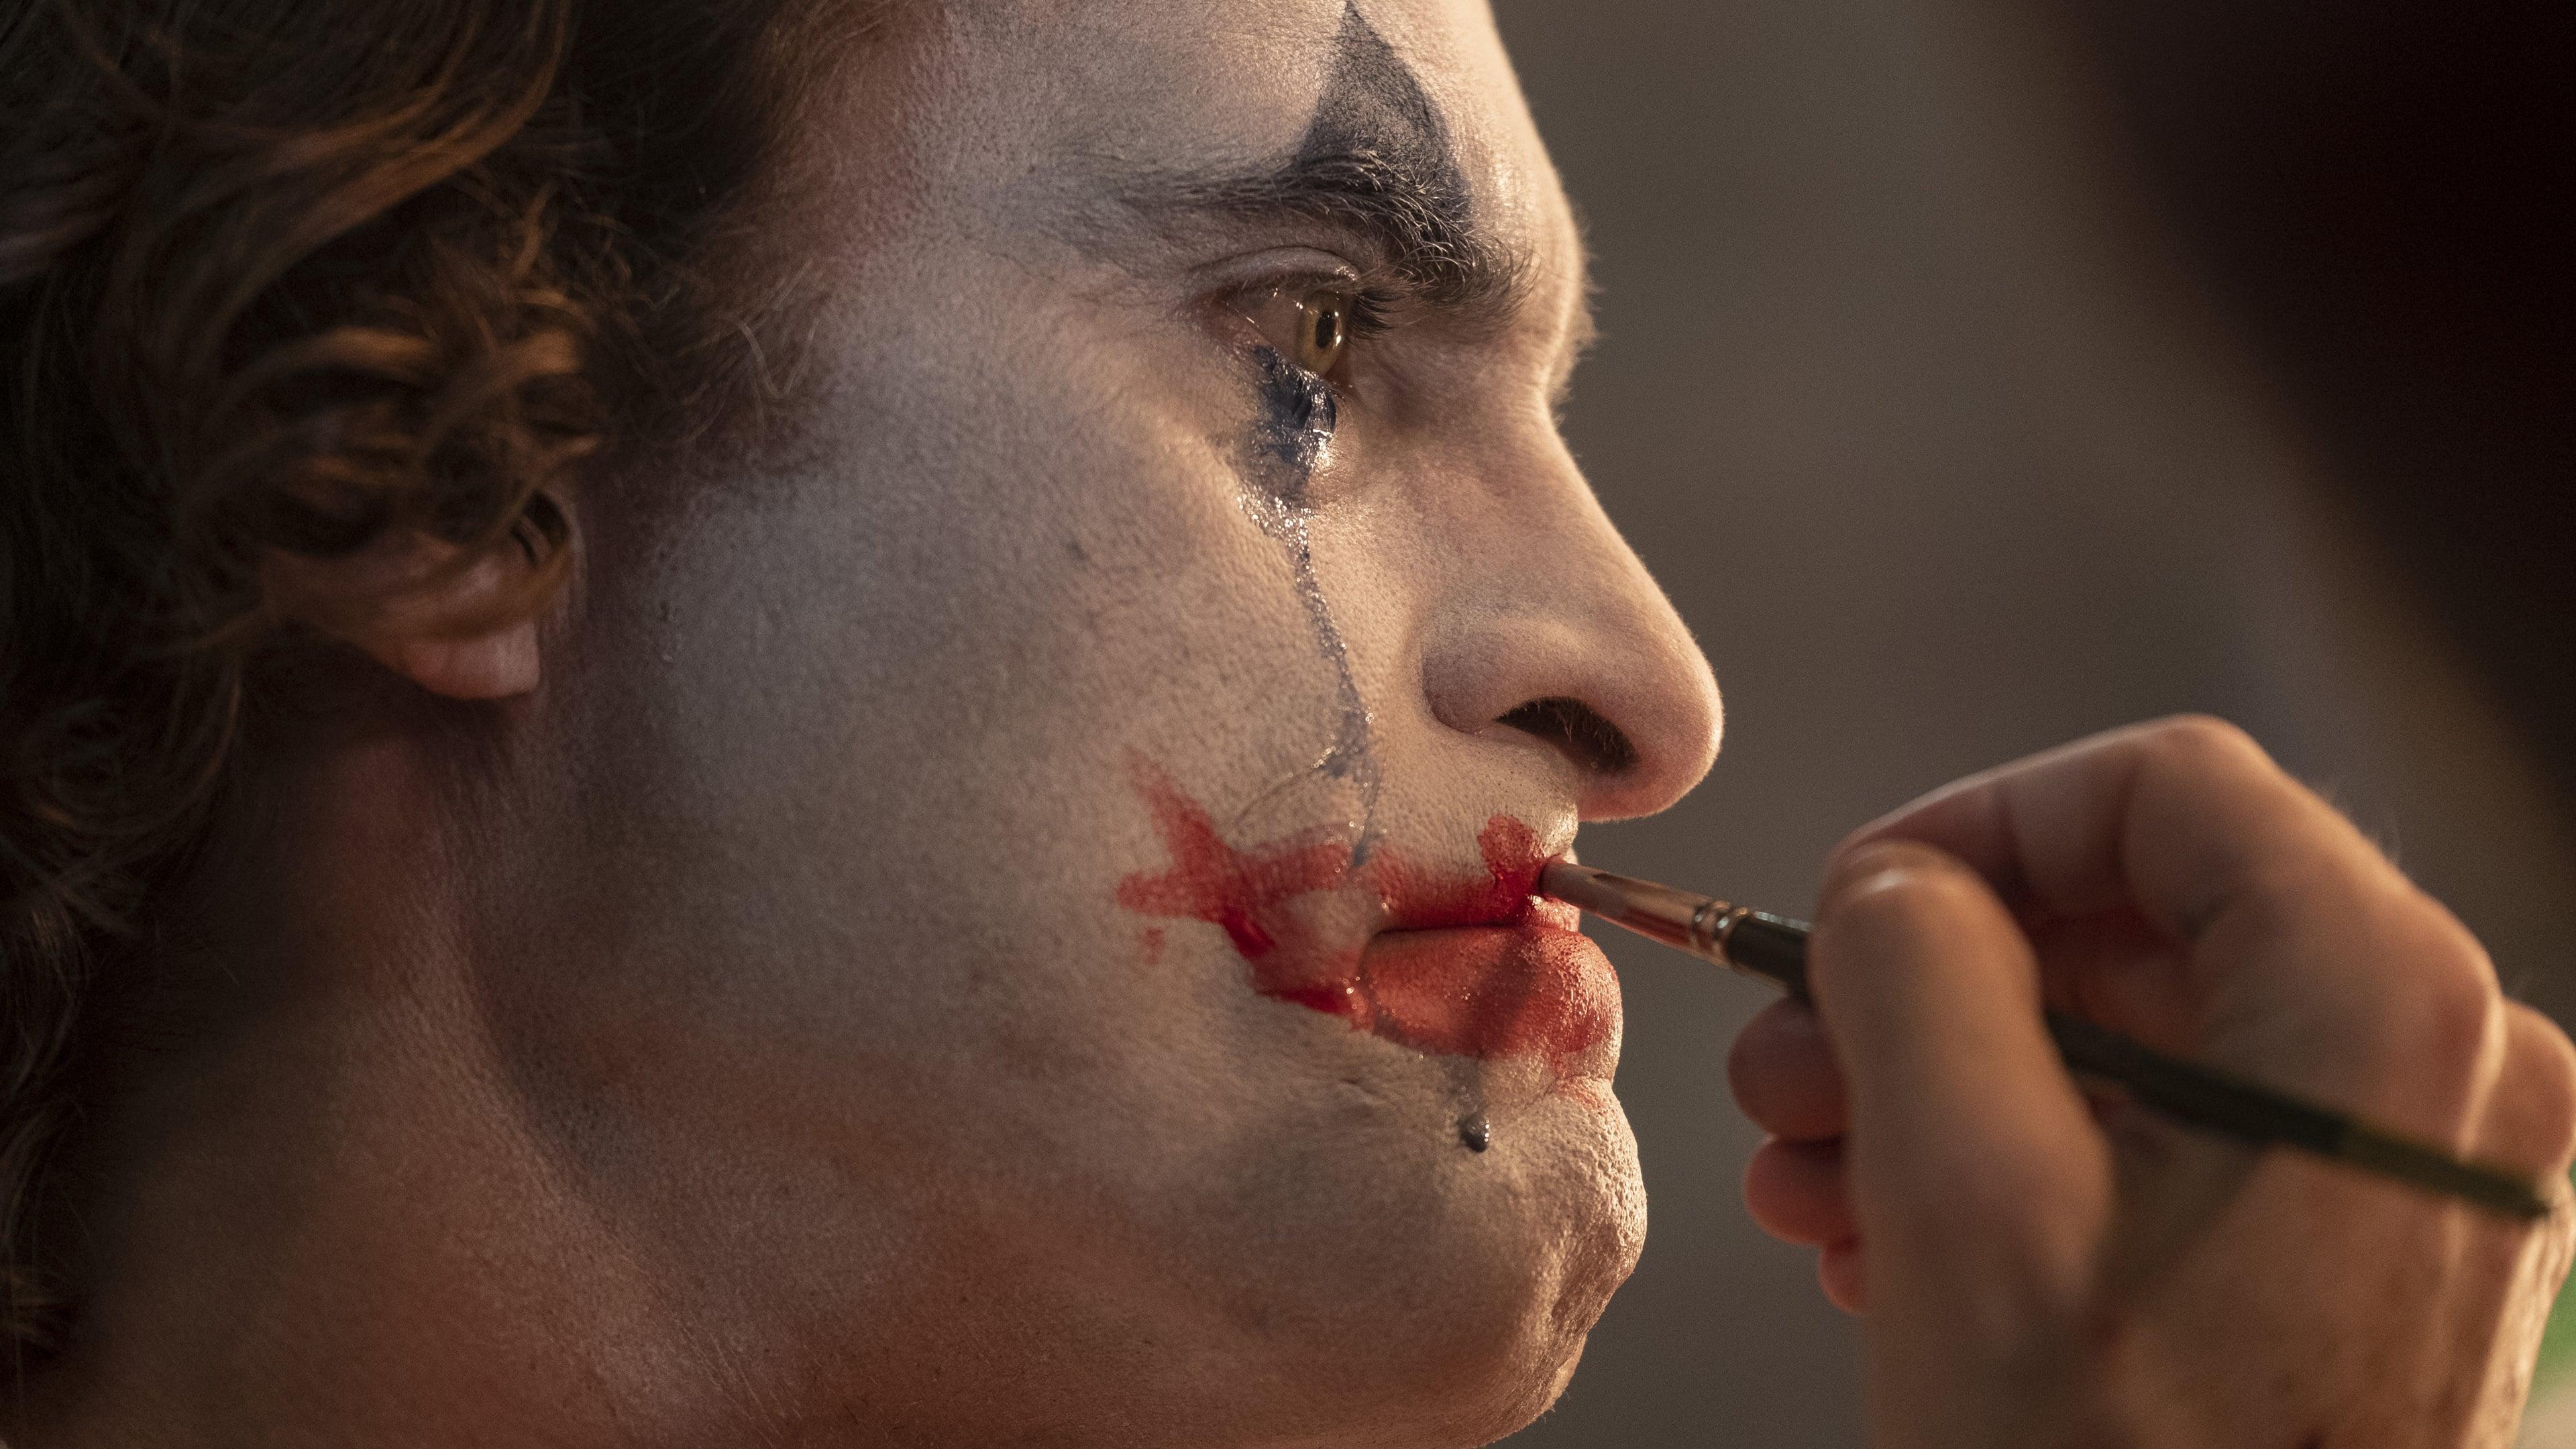 Joker backdrop